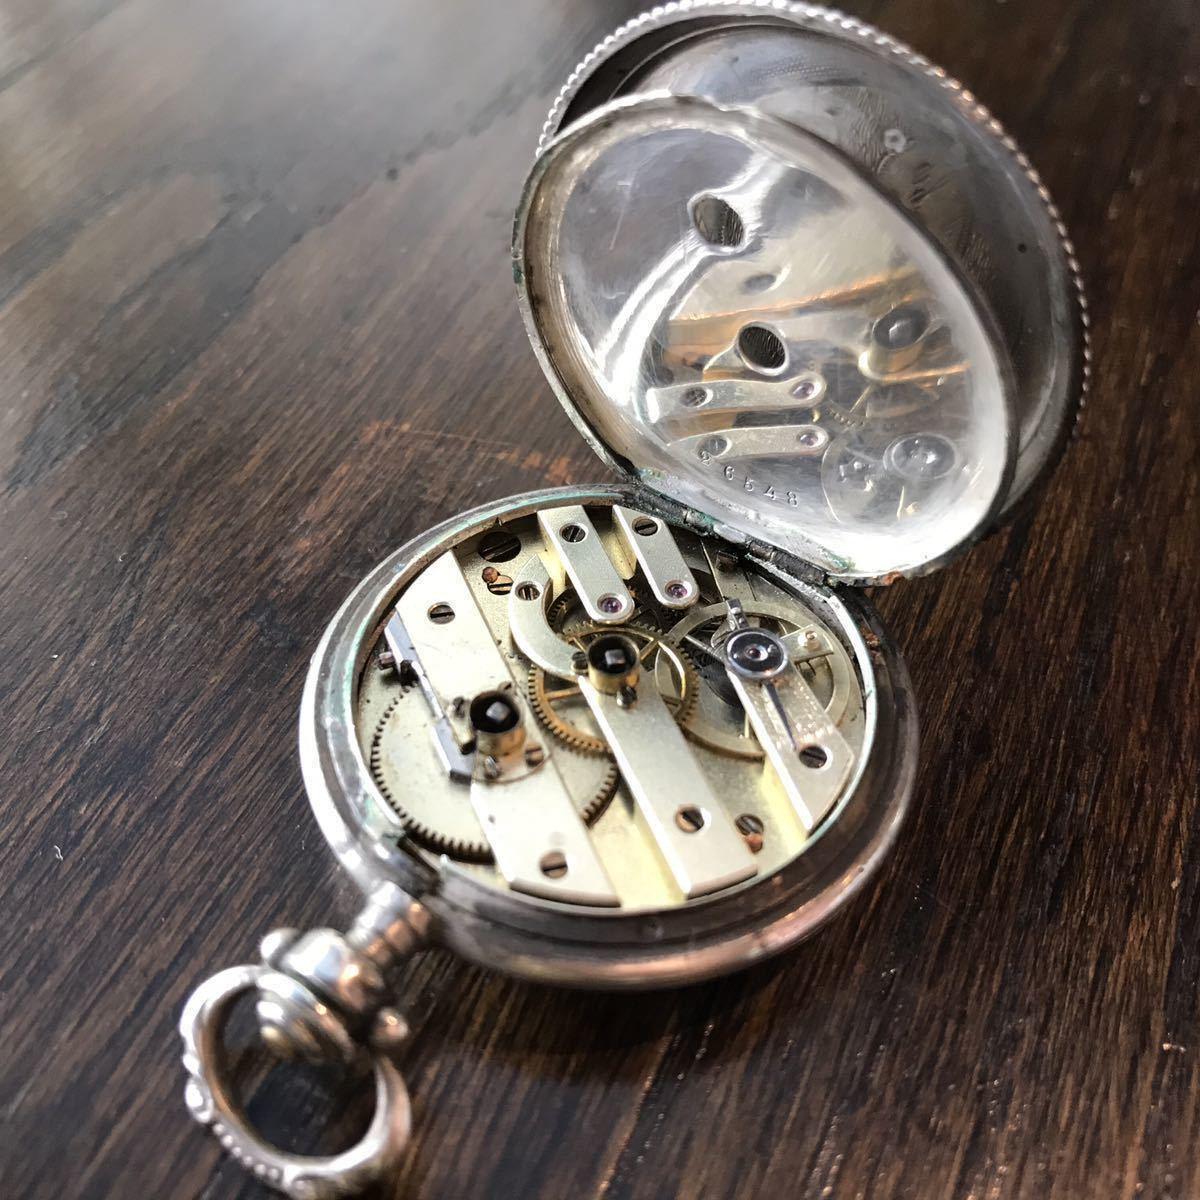 美麗ケース!銀無垢懐中時計⑥ 鍵巻 可動品_画像3